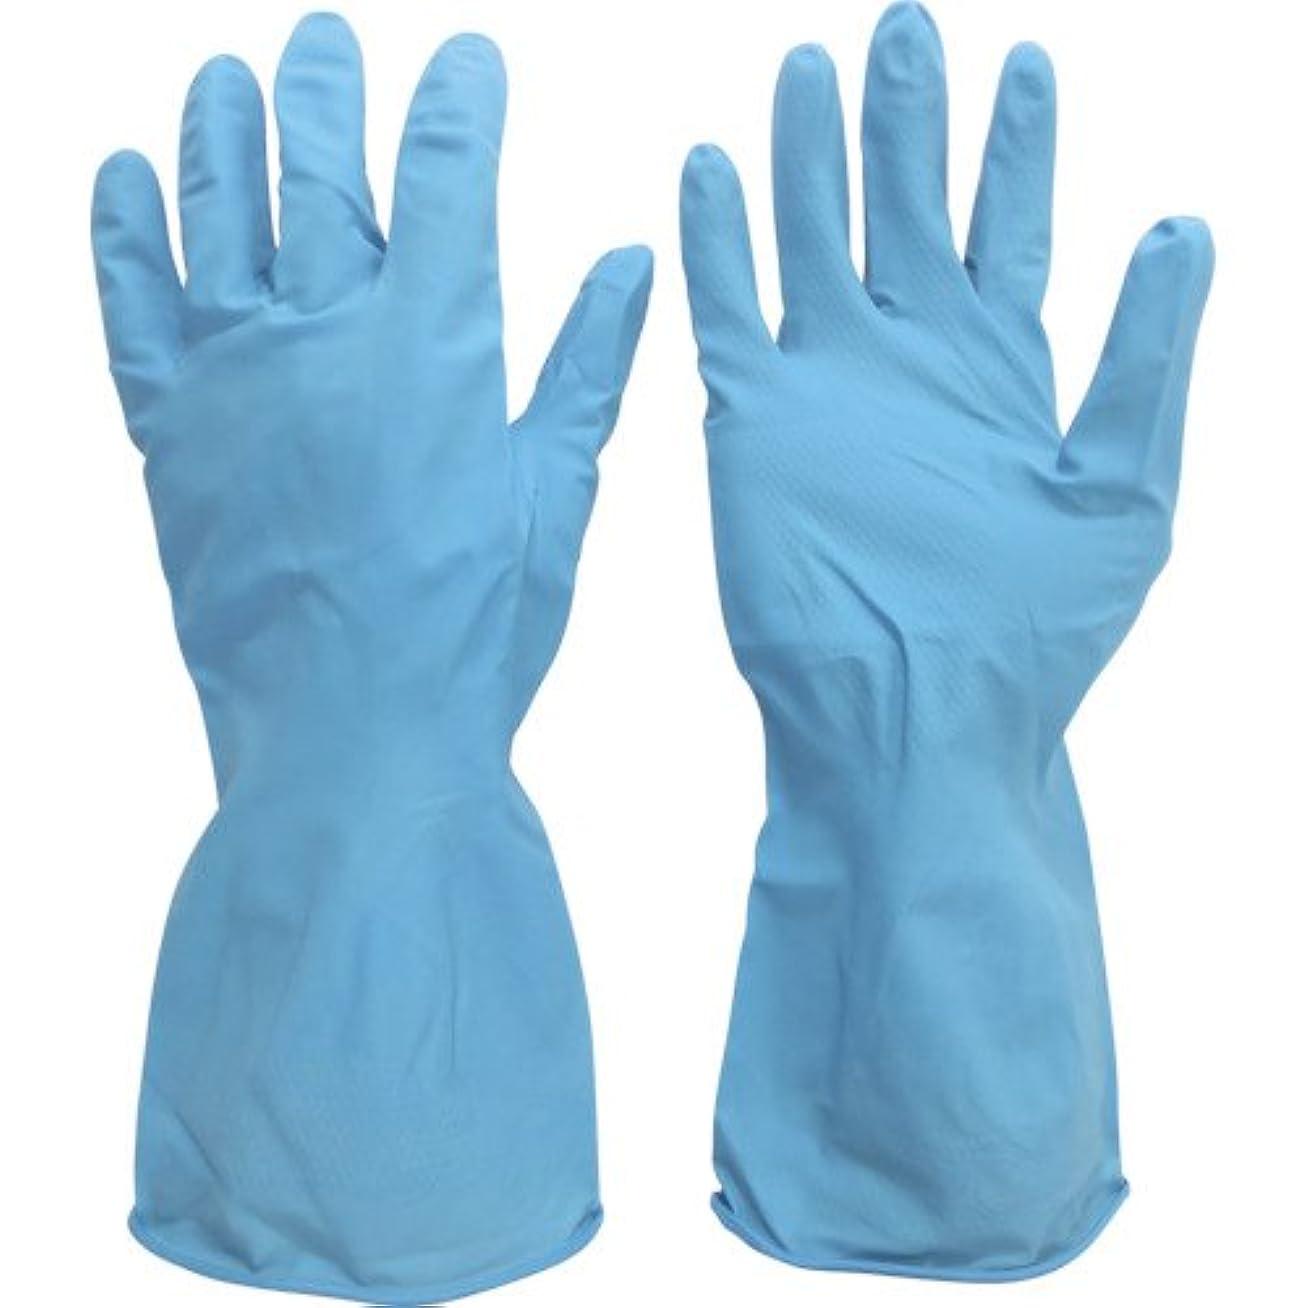 しなやかな対応粗いミドリ安全 ニトリル薄手手袋 ベルテ270 1双入 L VERTE-270-L